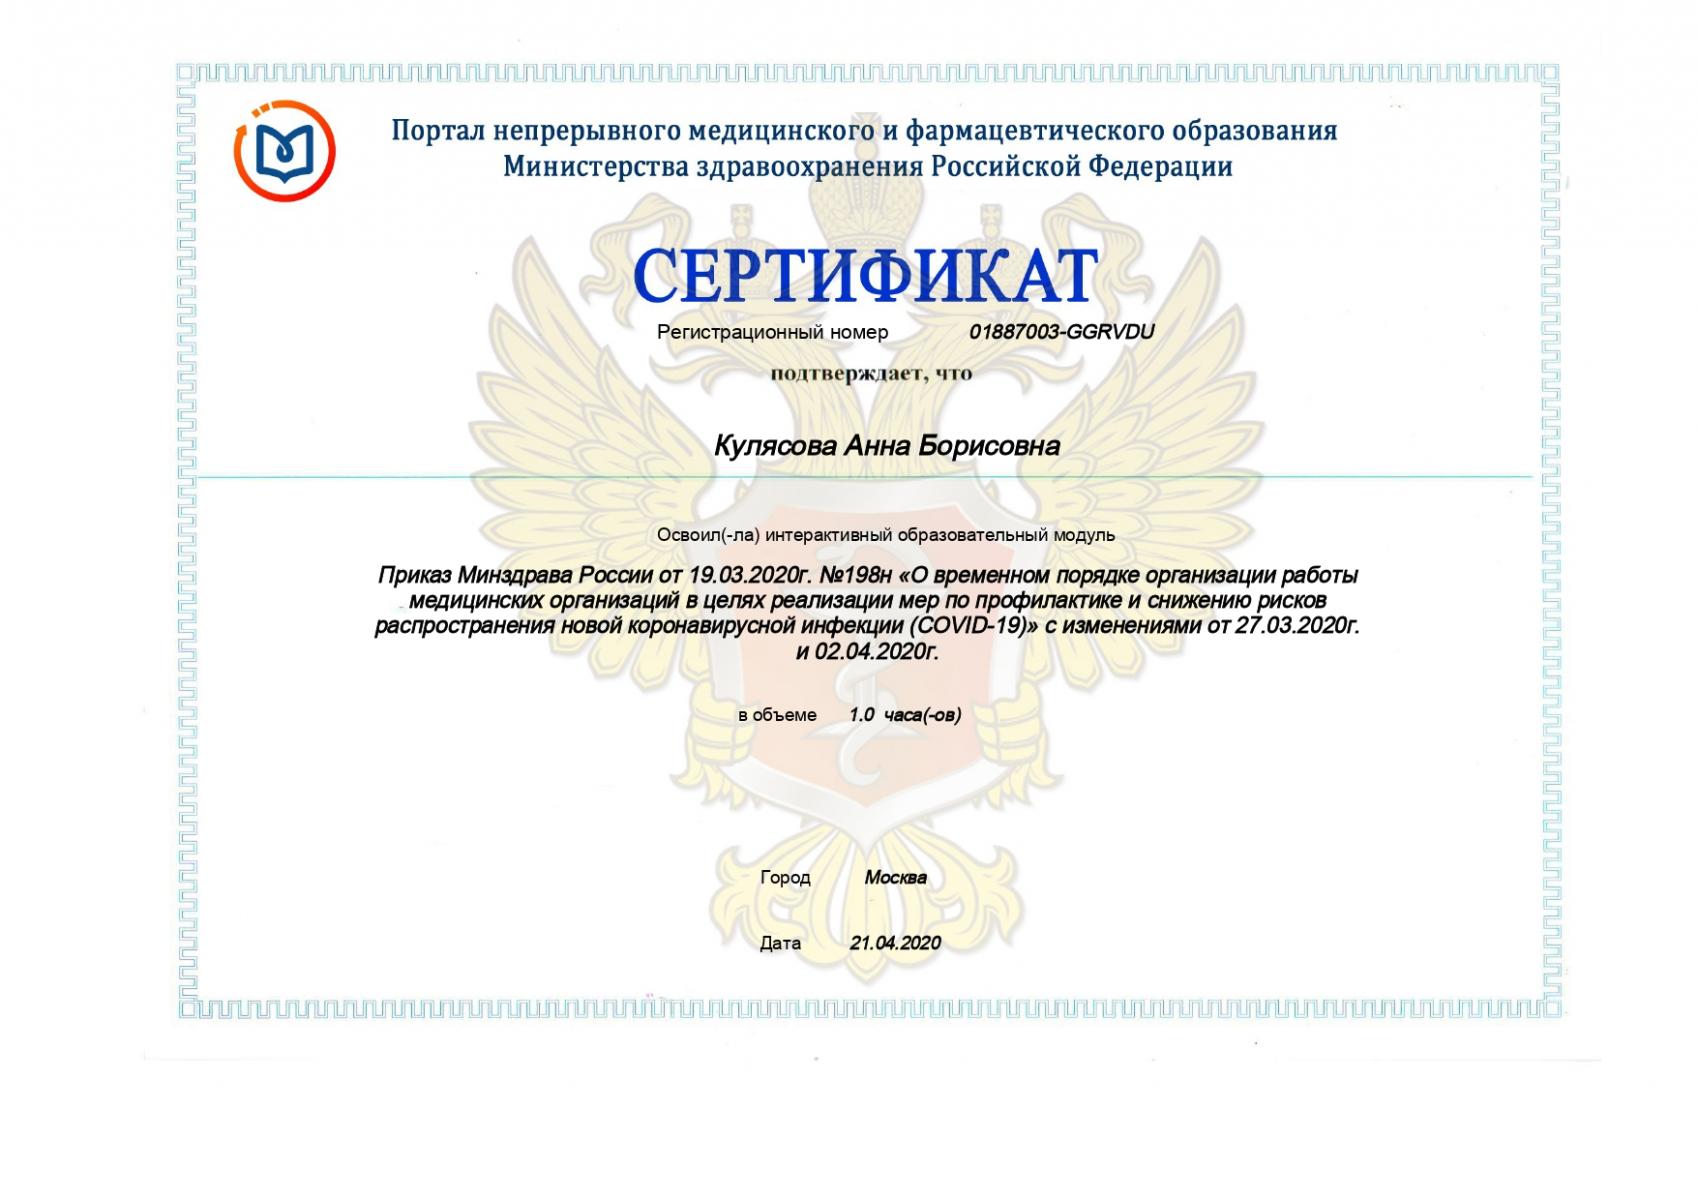 Сертификат_Приказ-Covid-19_page-0001